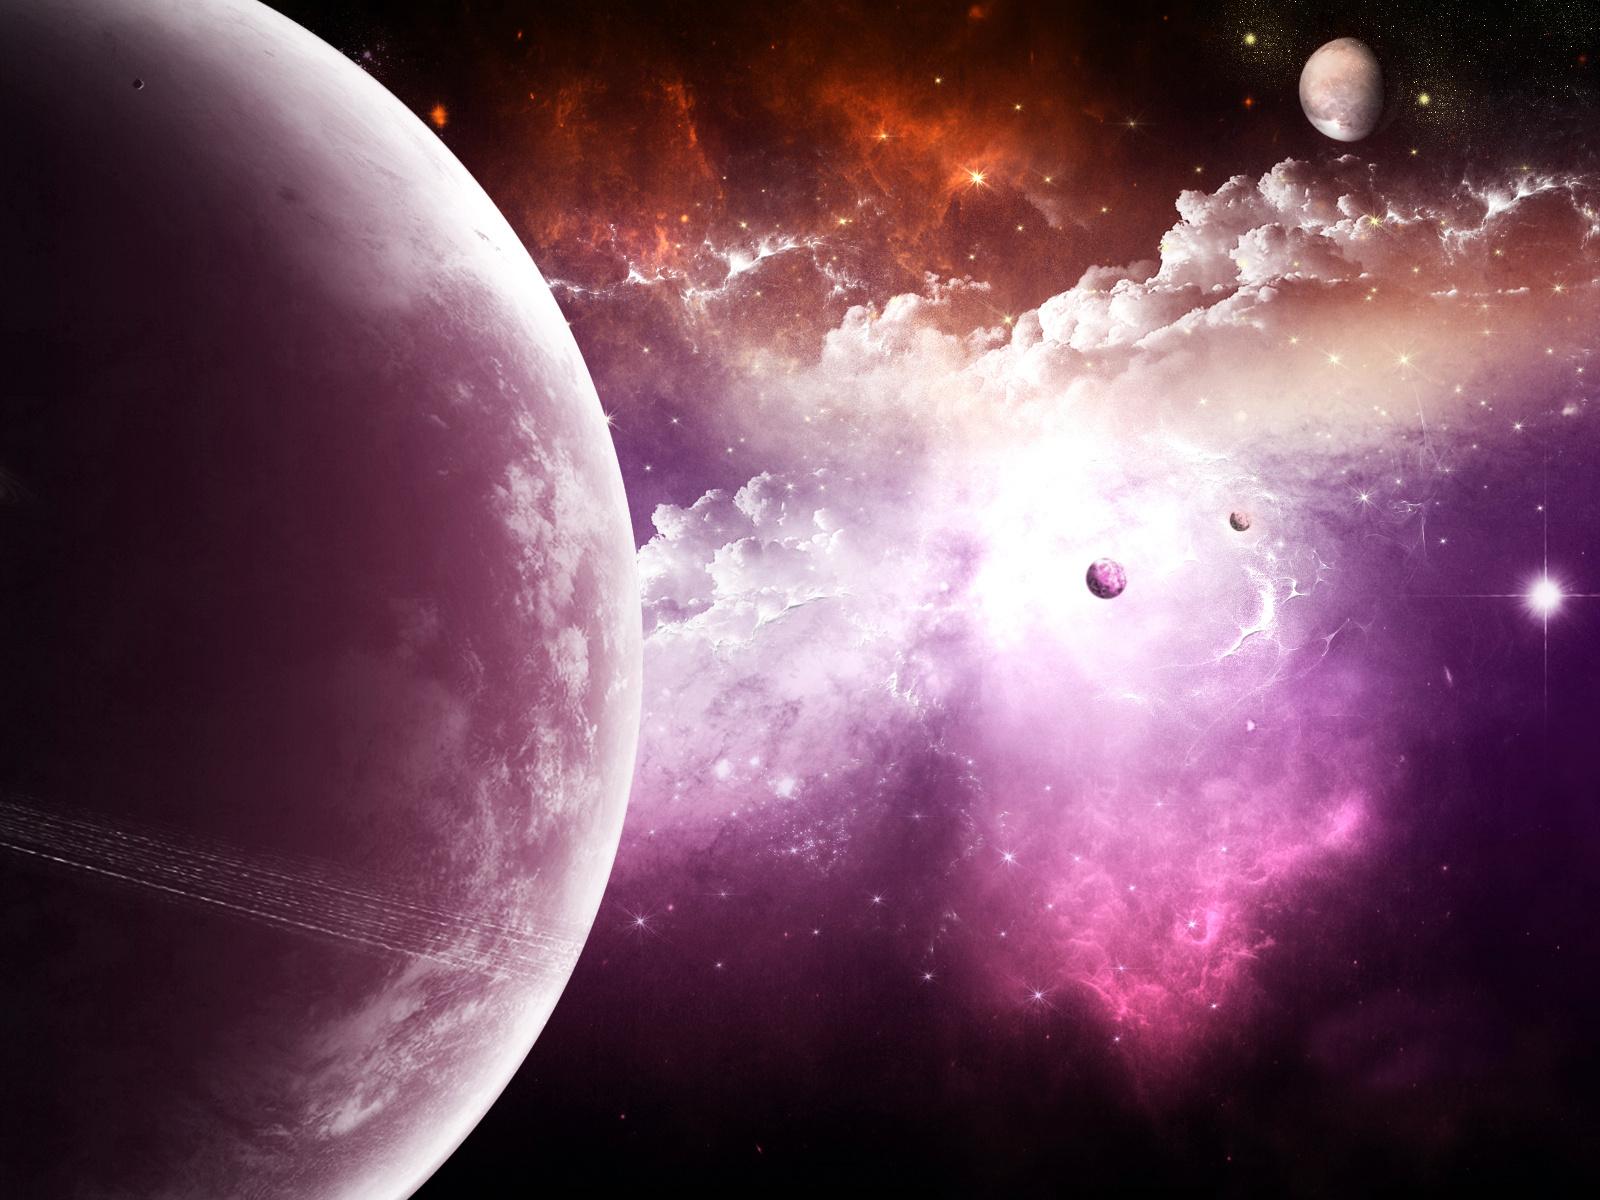 ракурс, сереневый космос, планета, космос